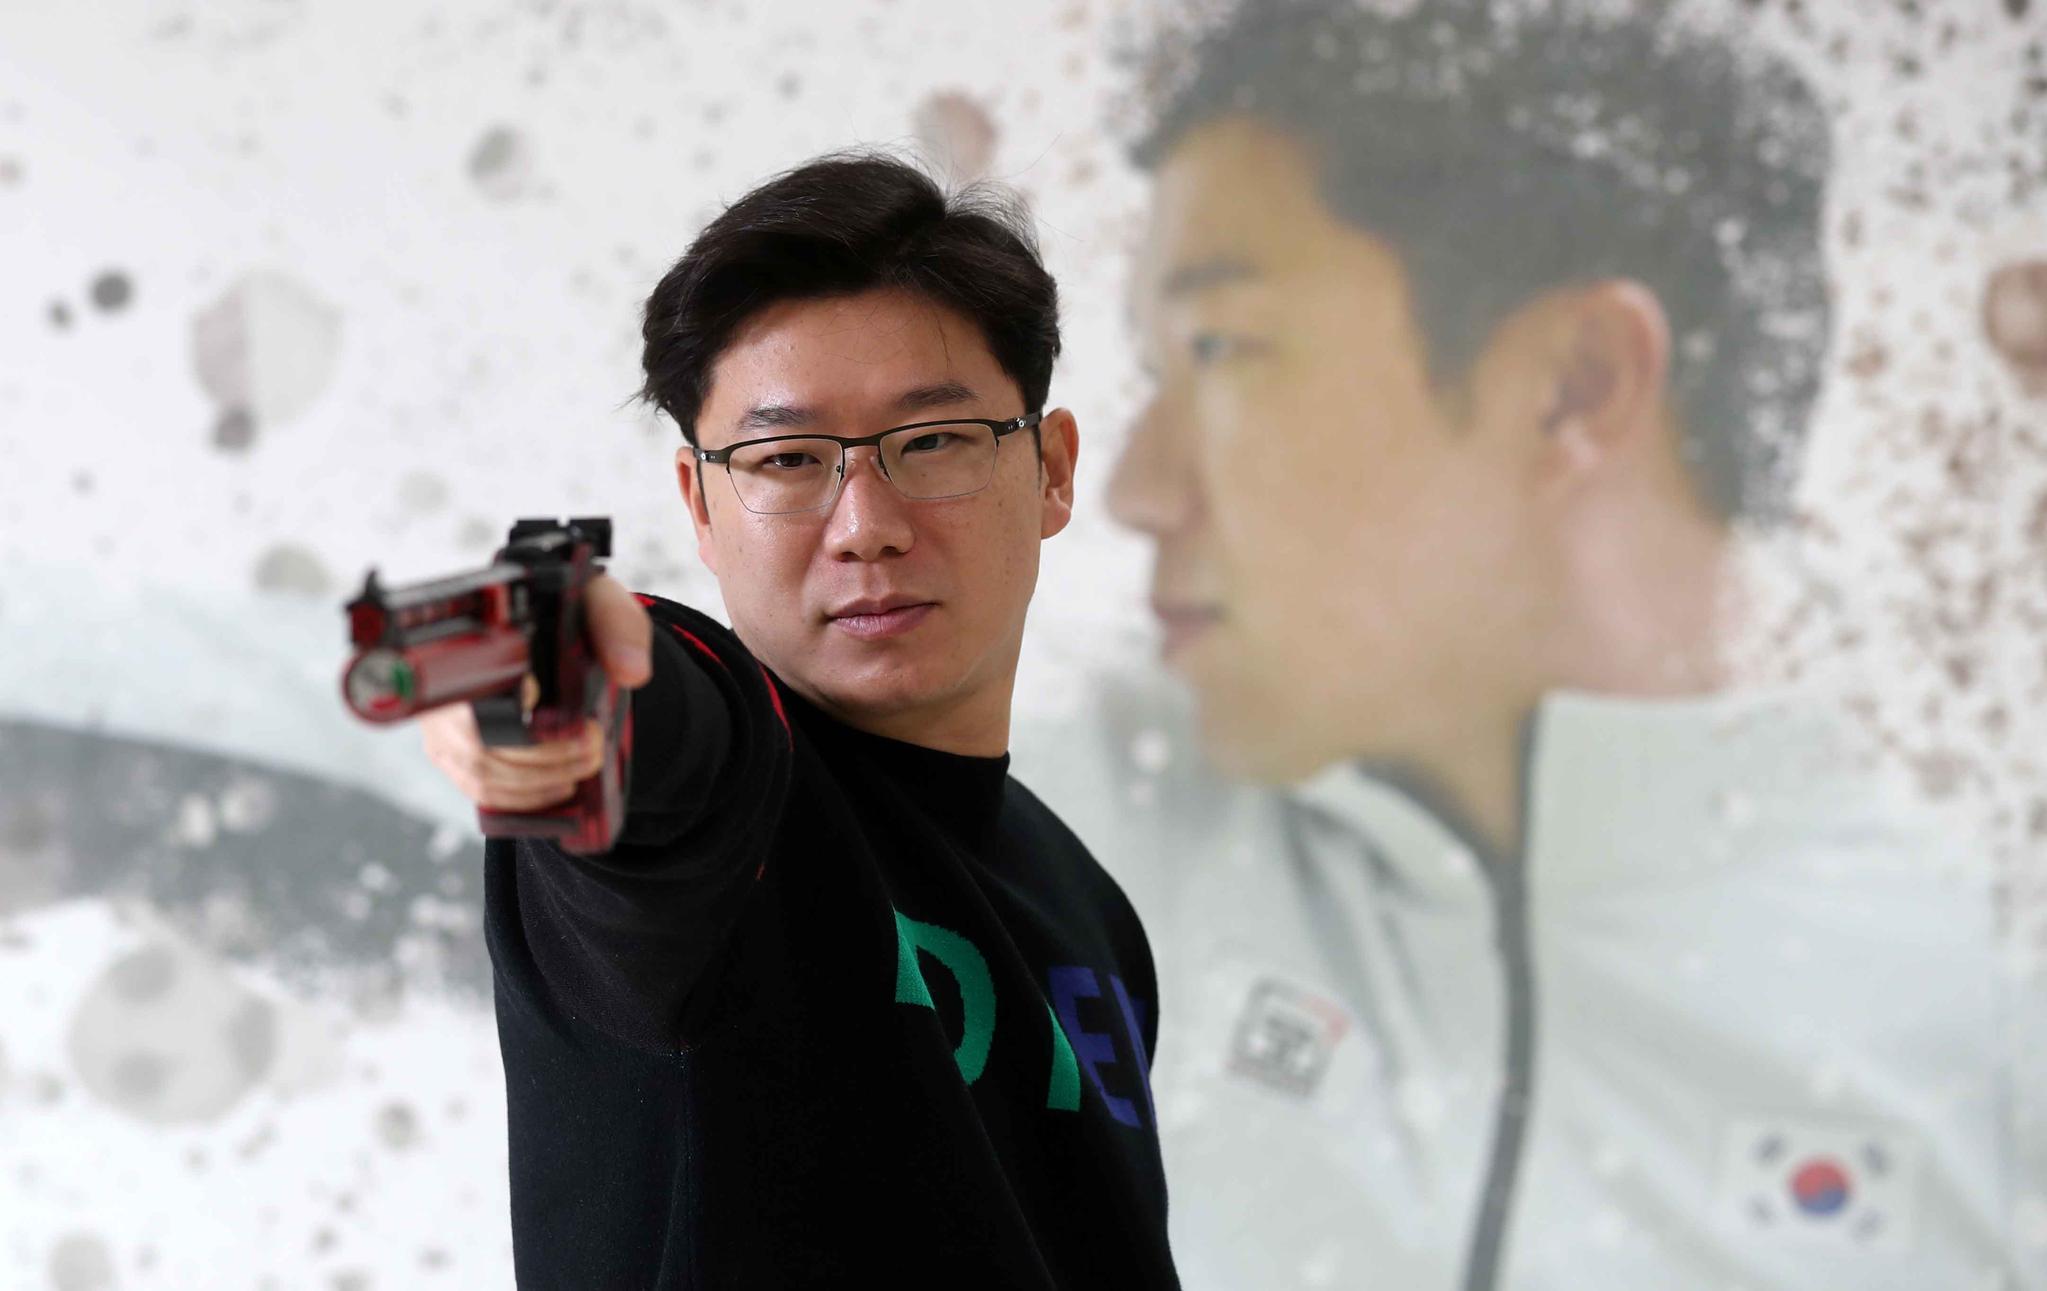 올림픽 사격에서만 금메달 4개를 딴 권총황제 진종오. 김상선 기자